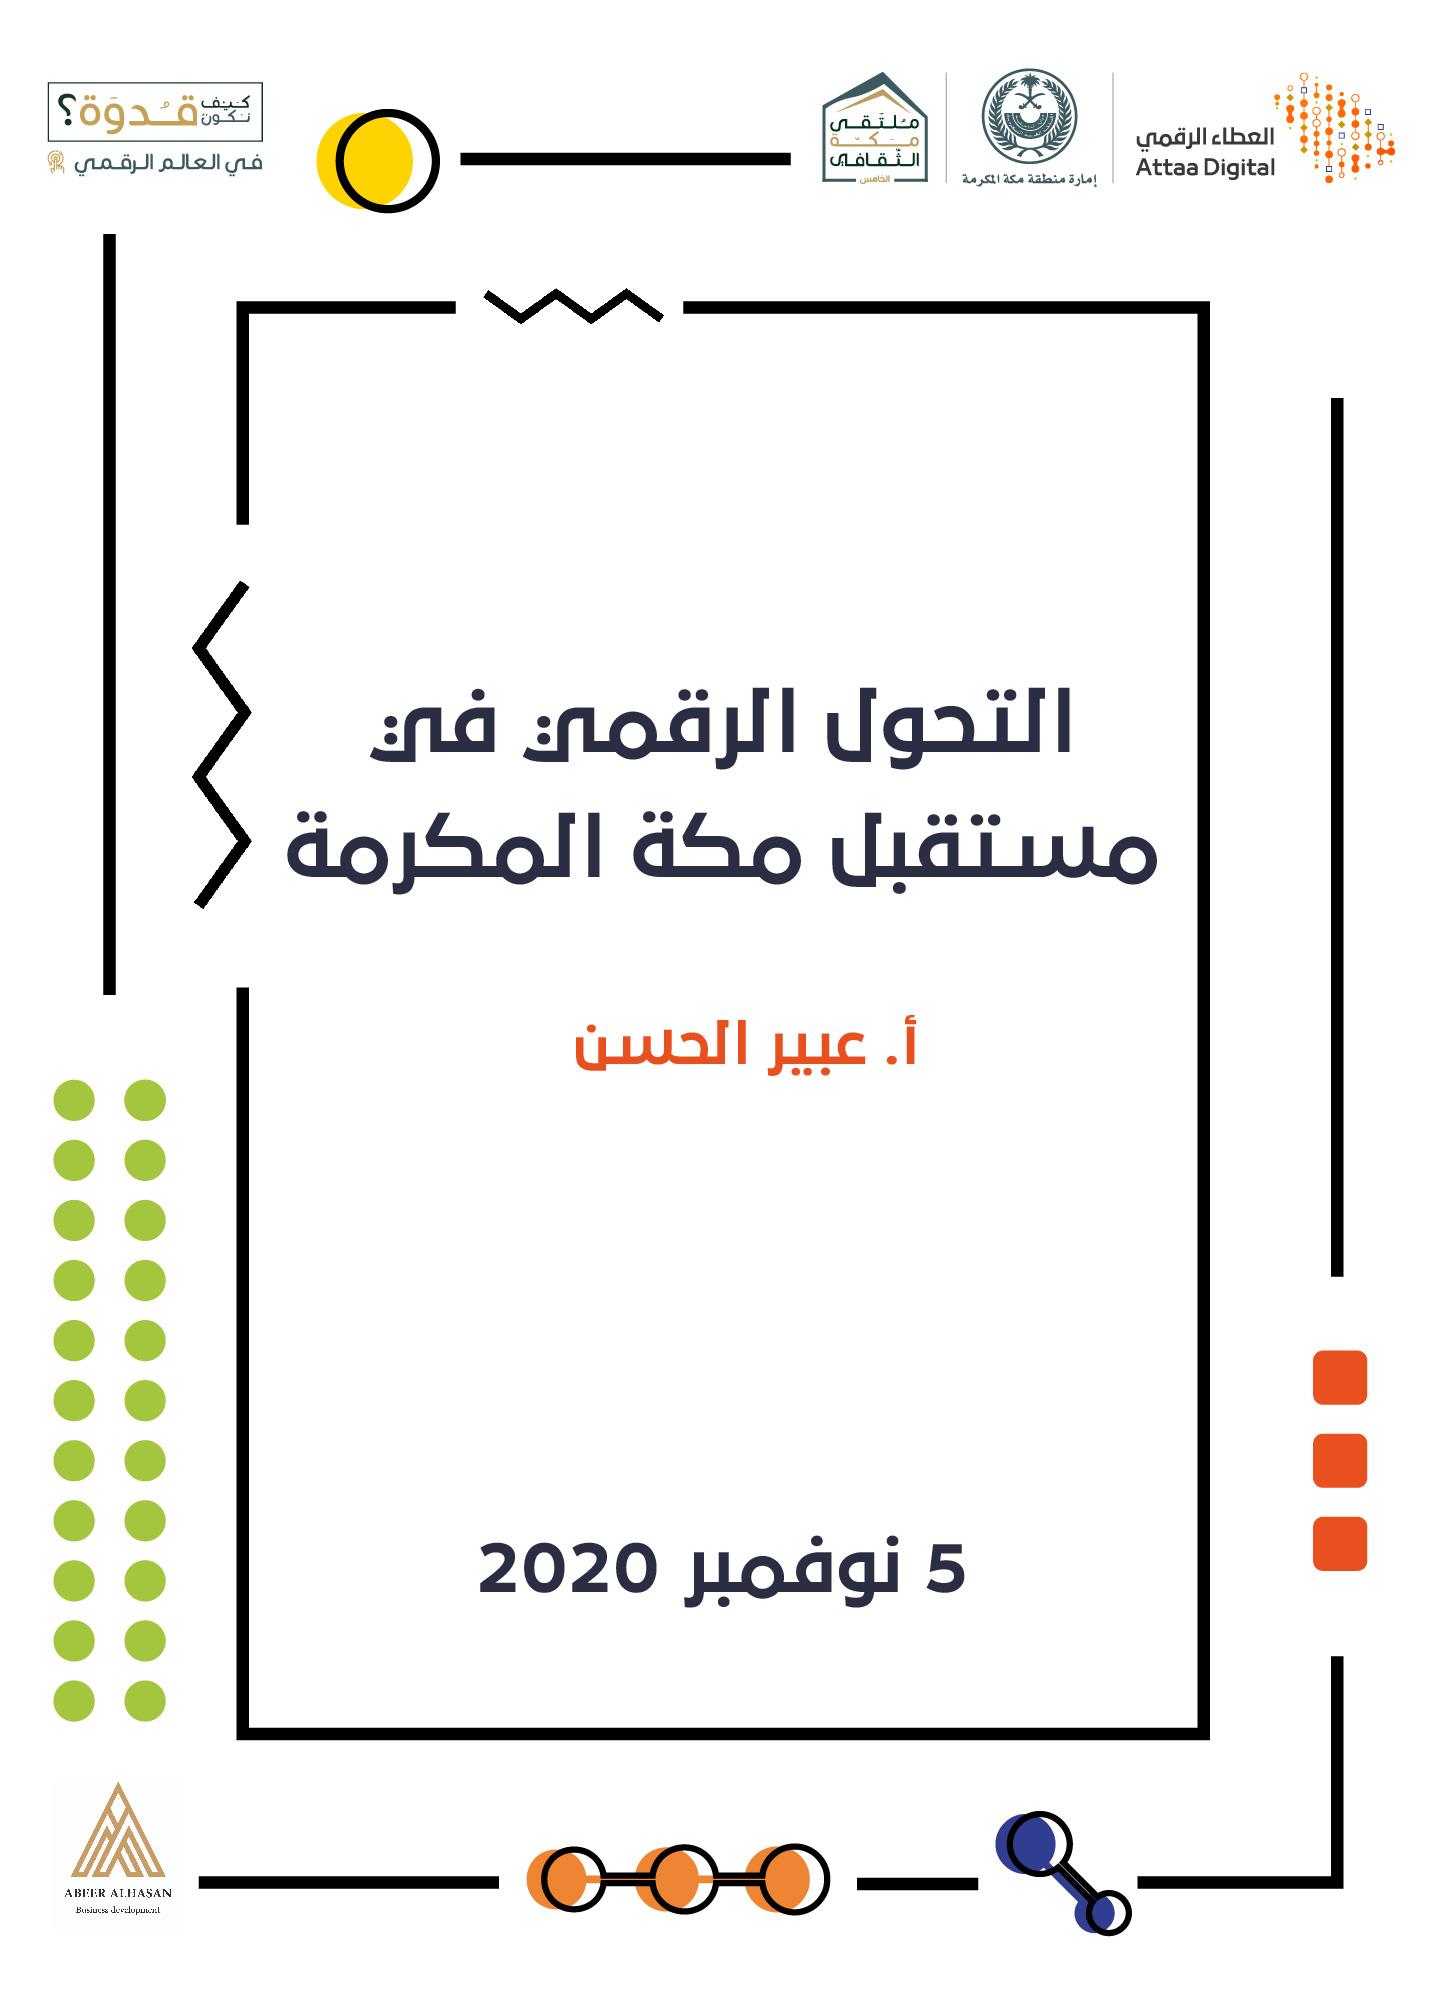 التحول الرقمي في مستقبل مكة المكرمة